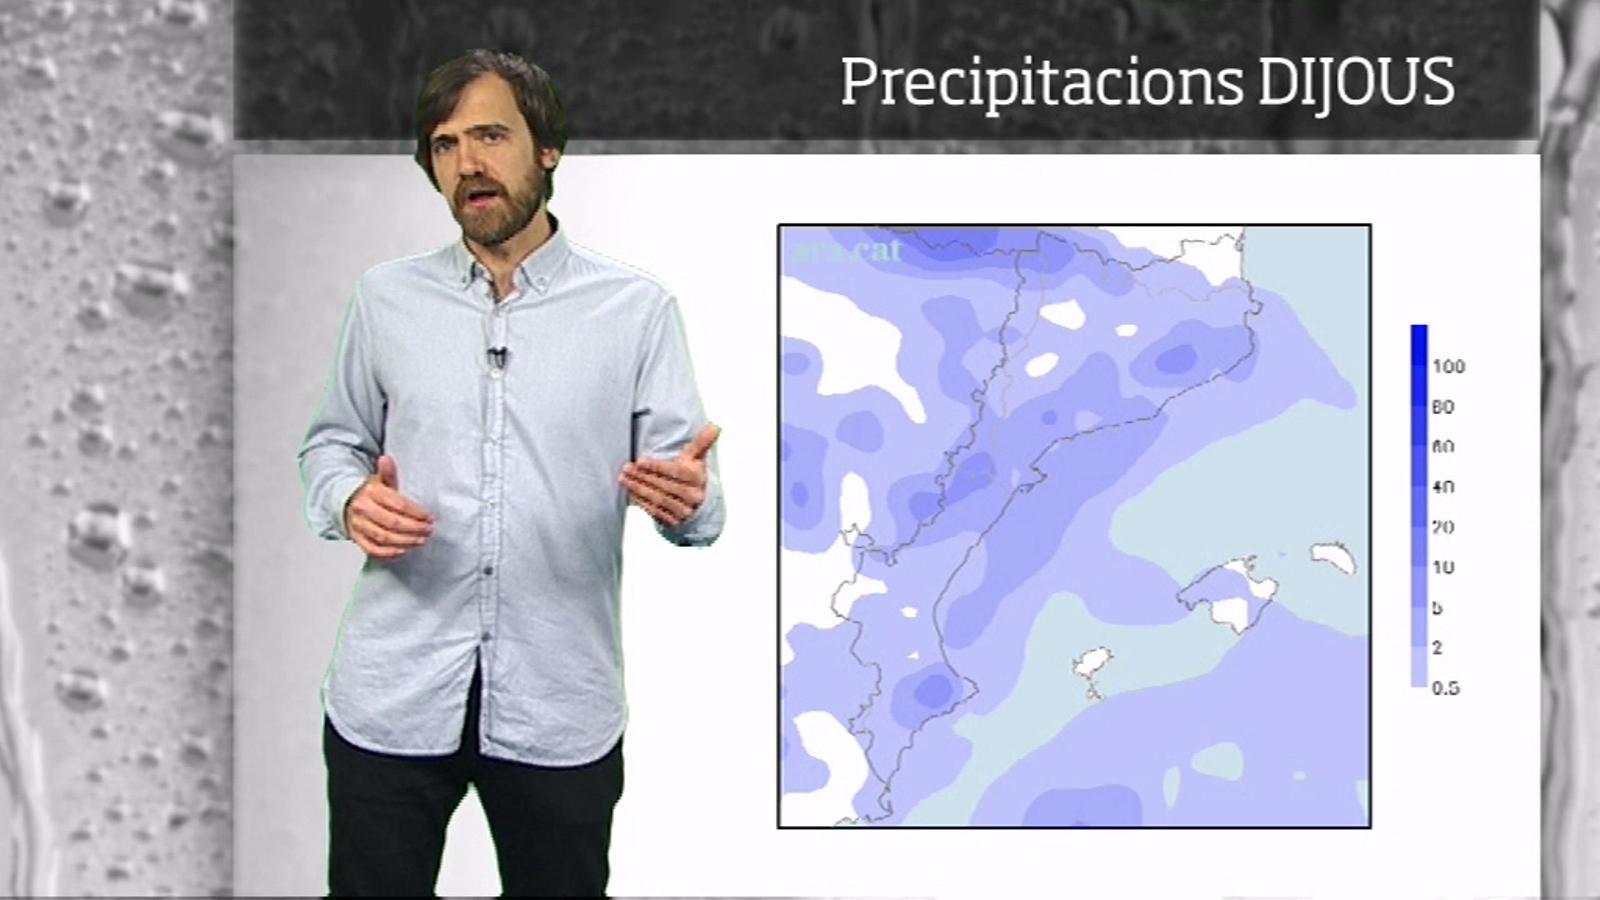 La méteo en 1 minut: xàfecs i temps més variable a partir de dijous